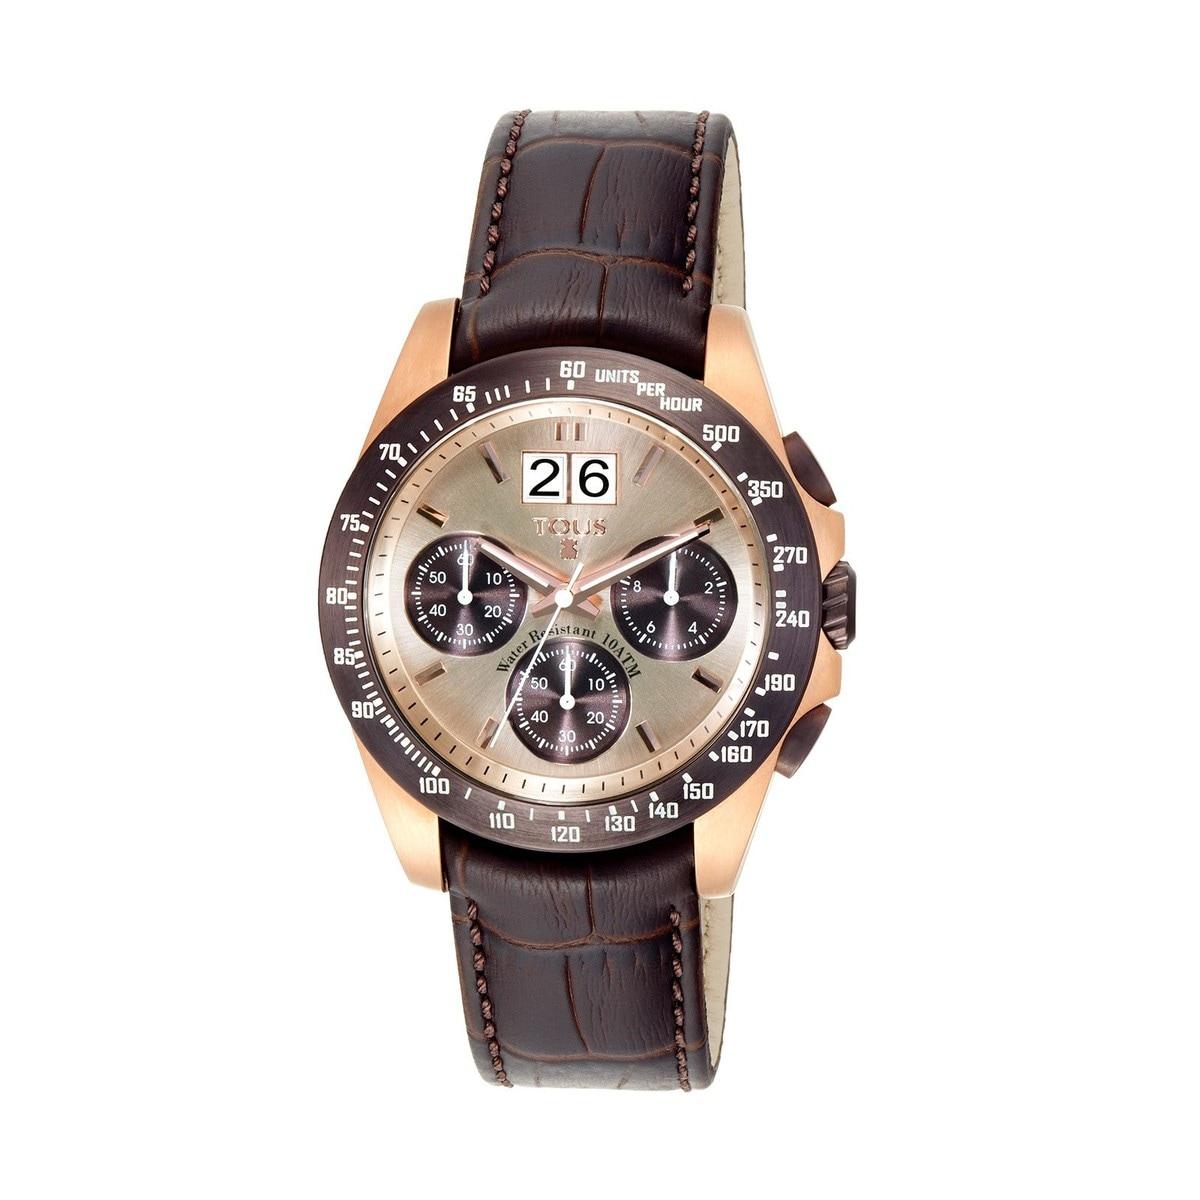 Relógio Drive Crono bicolor em Aço IP rosado/chocolate com correia de Pele castanha